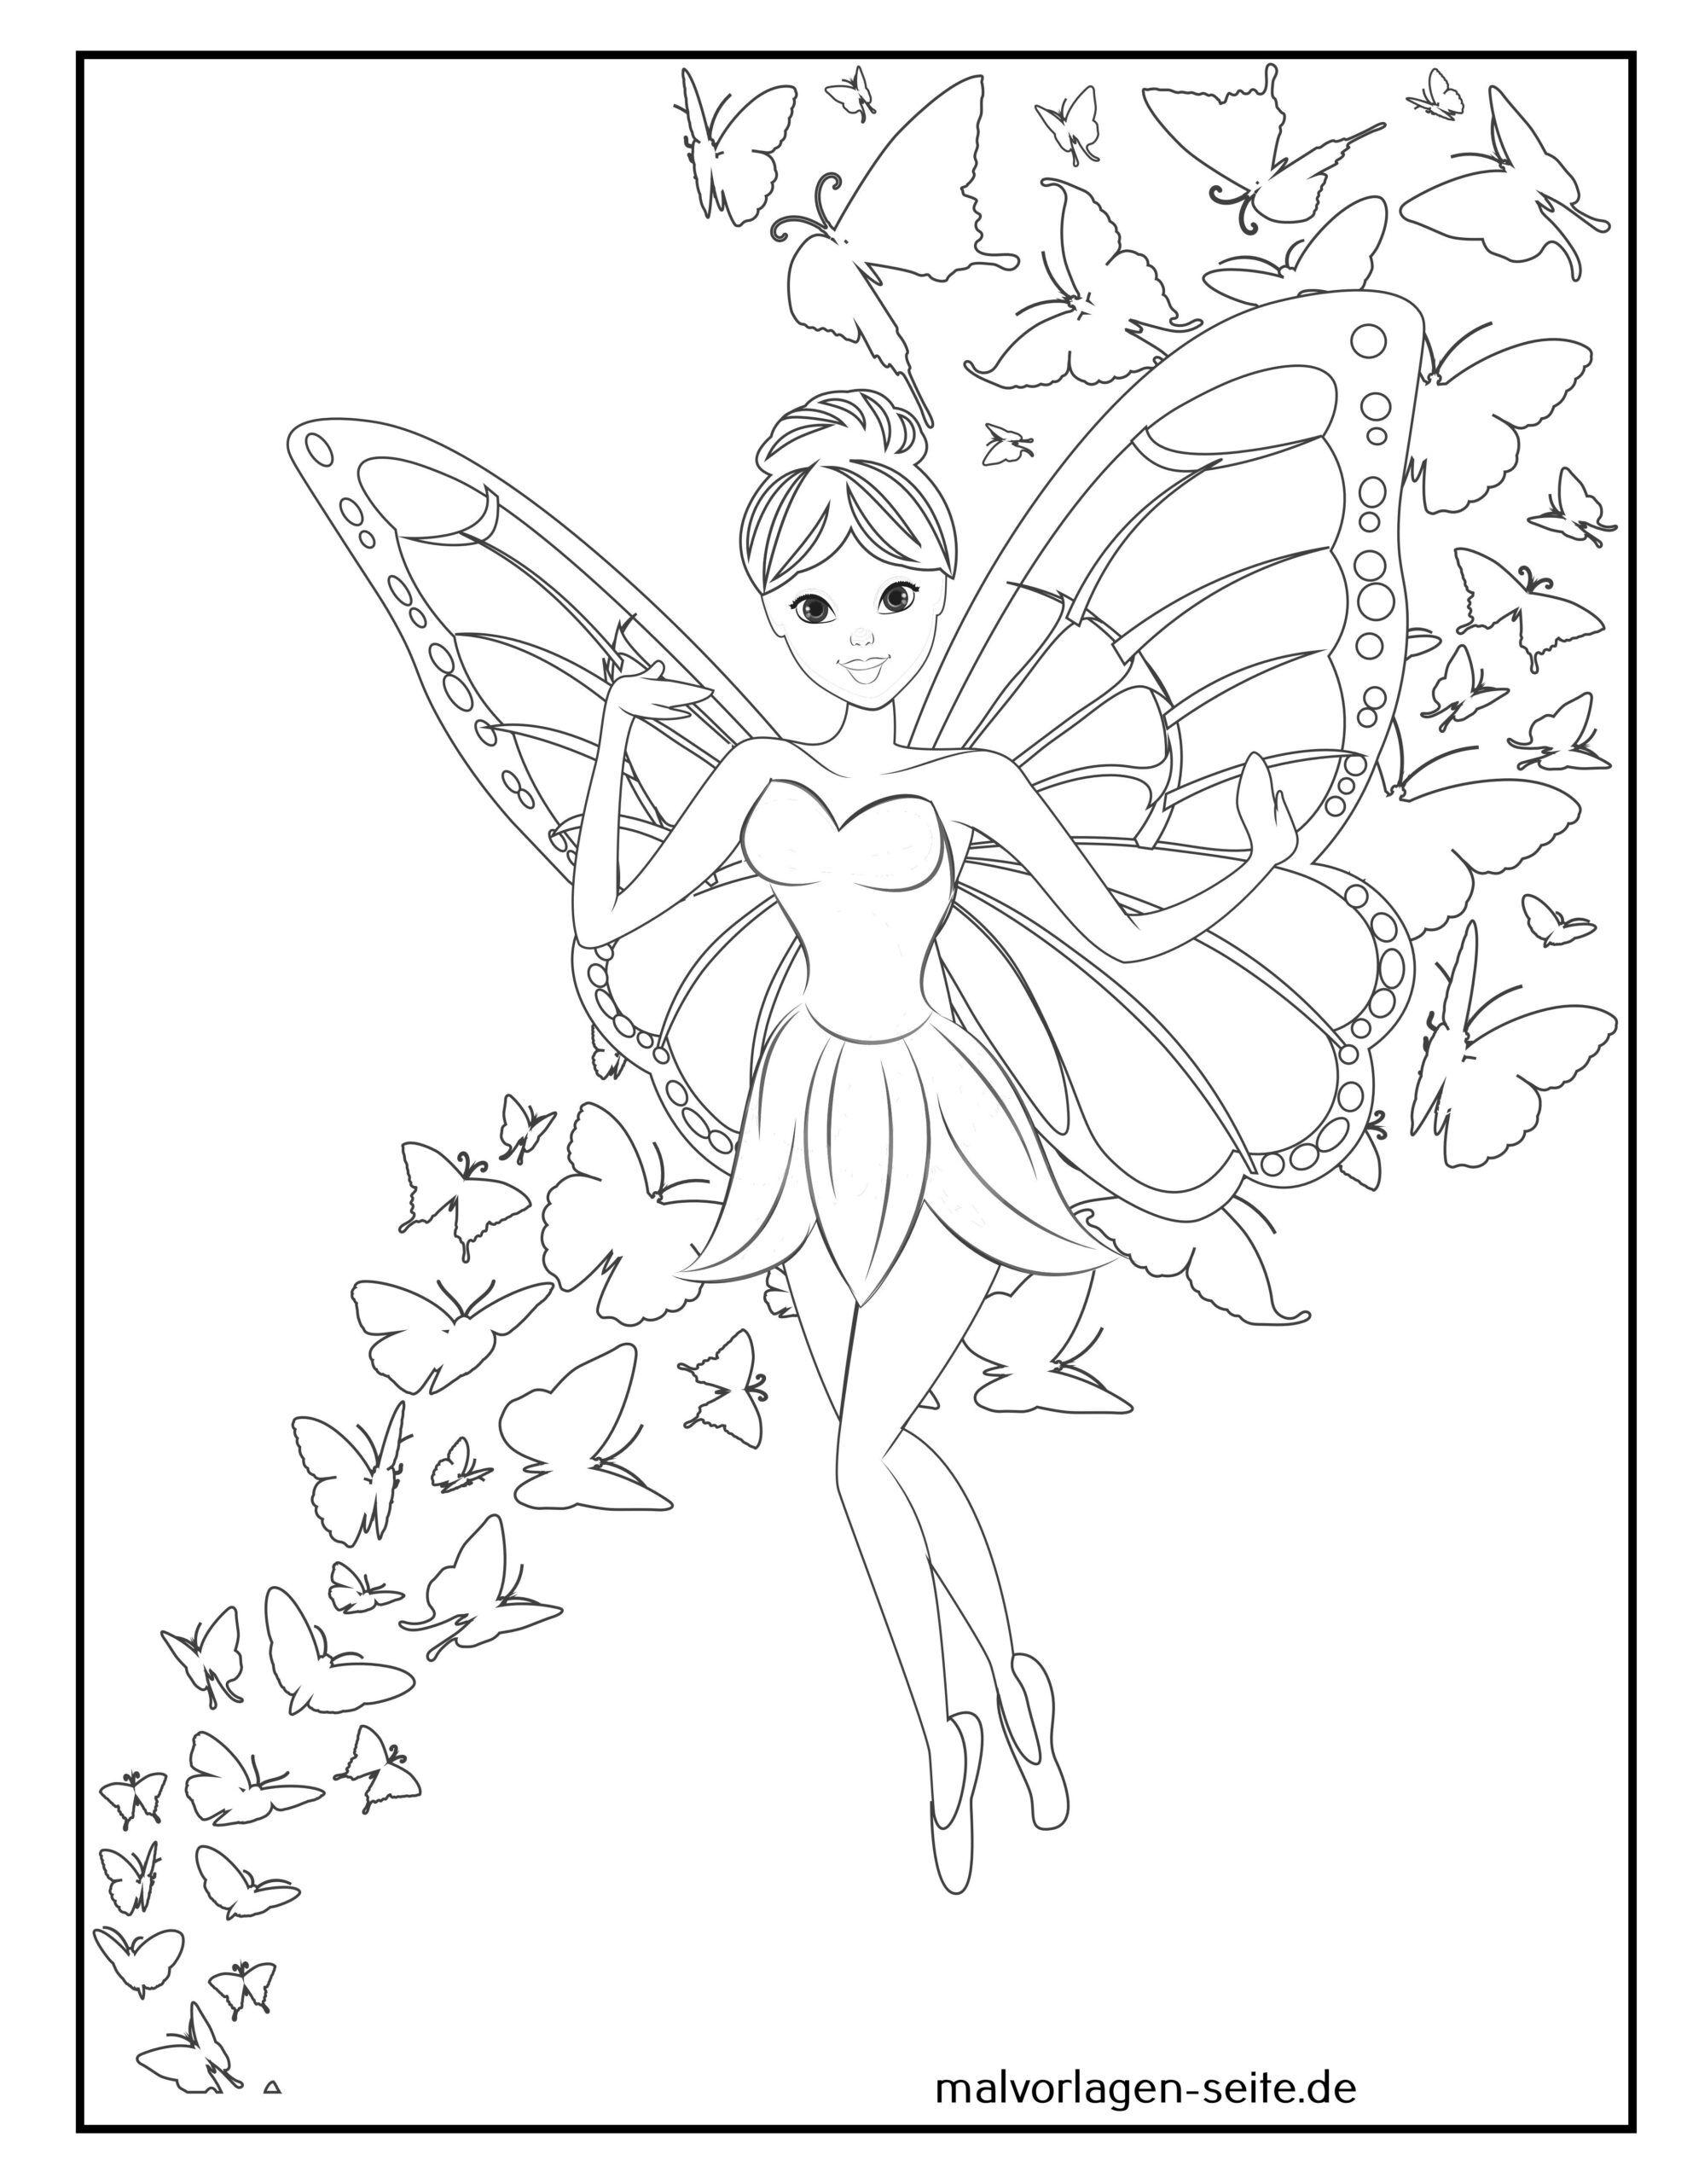 Malvorlage Elfe / Fee mit Schmetterlingen